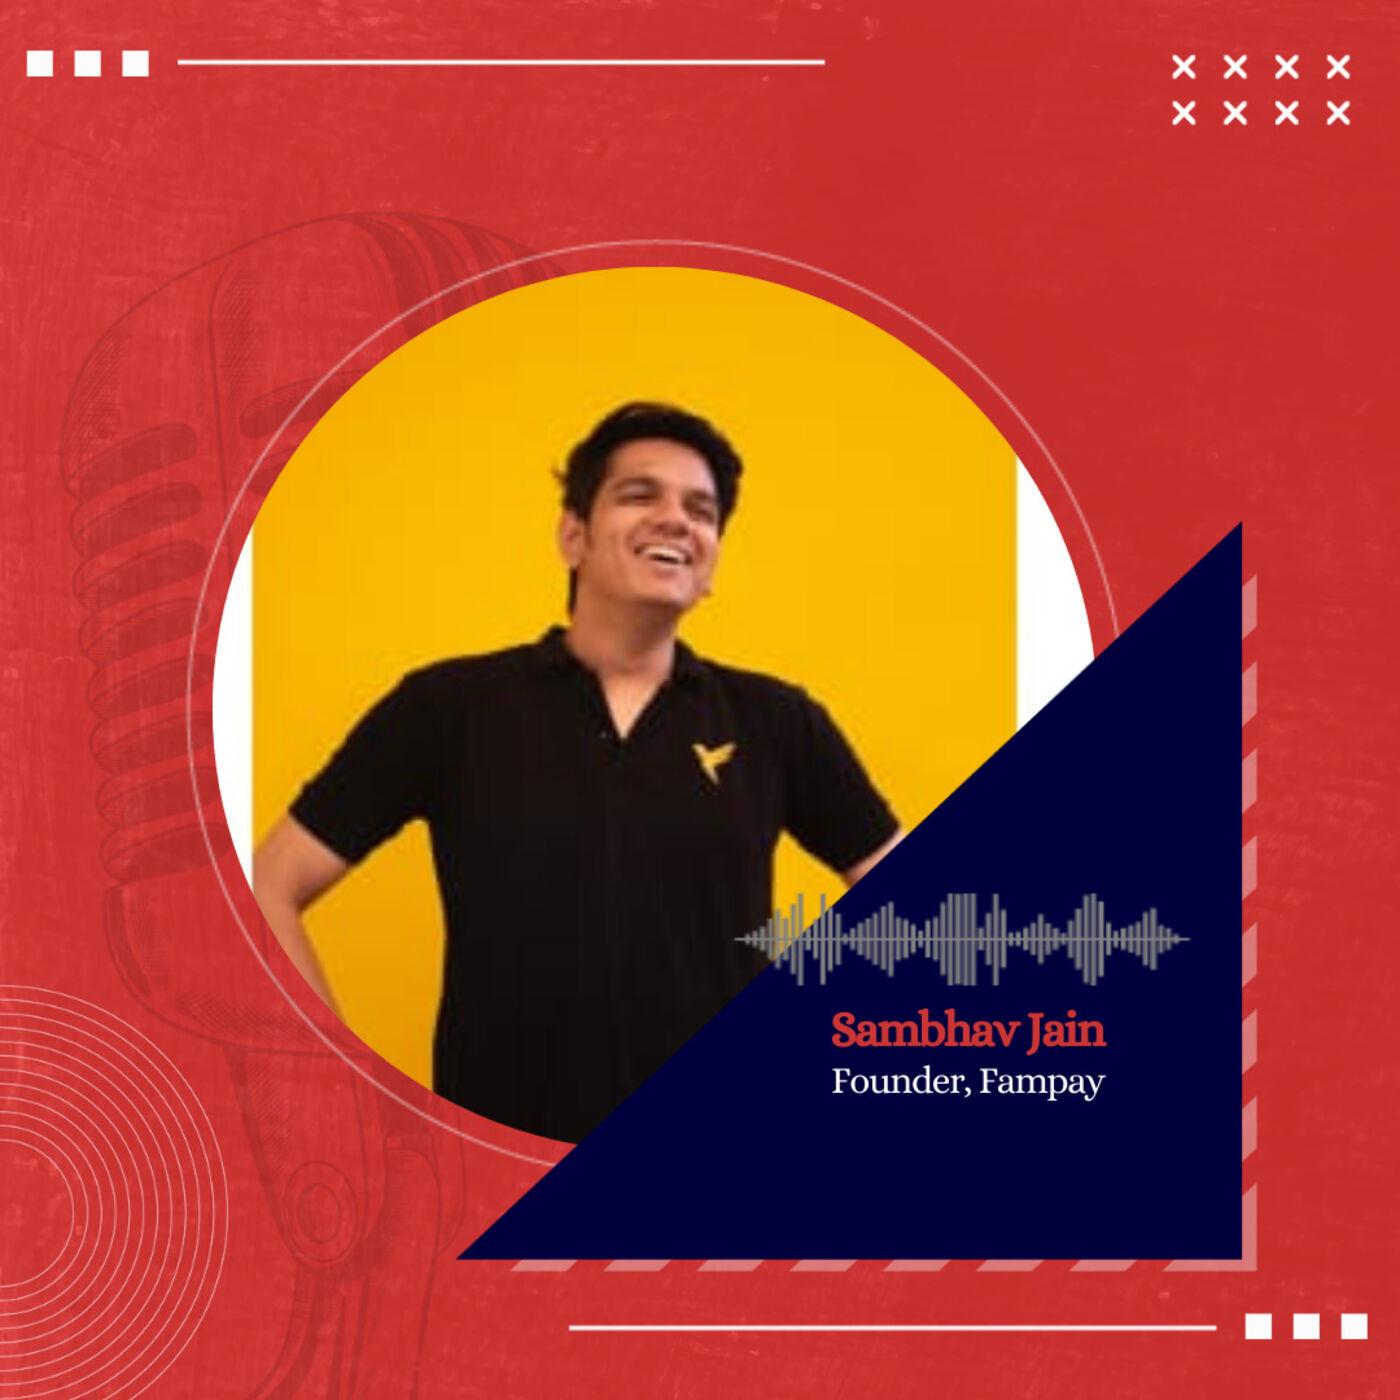 Fampay Founder on Fintech for GenZ, Funding ft. Sambhav Jain